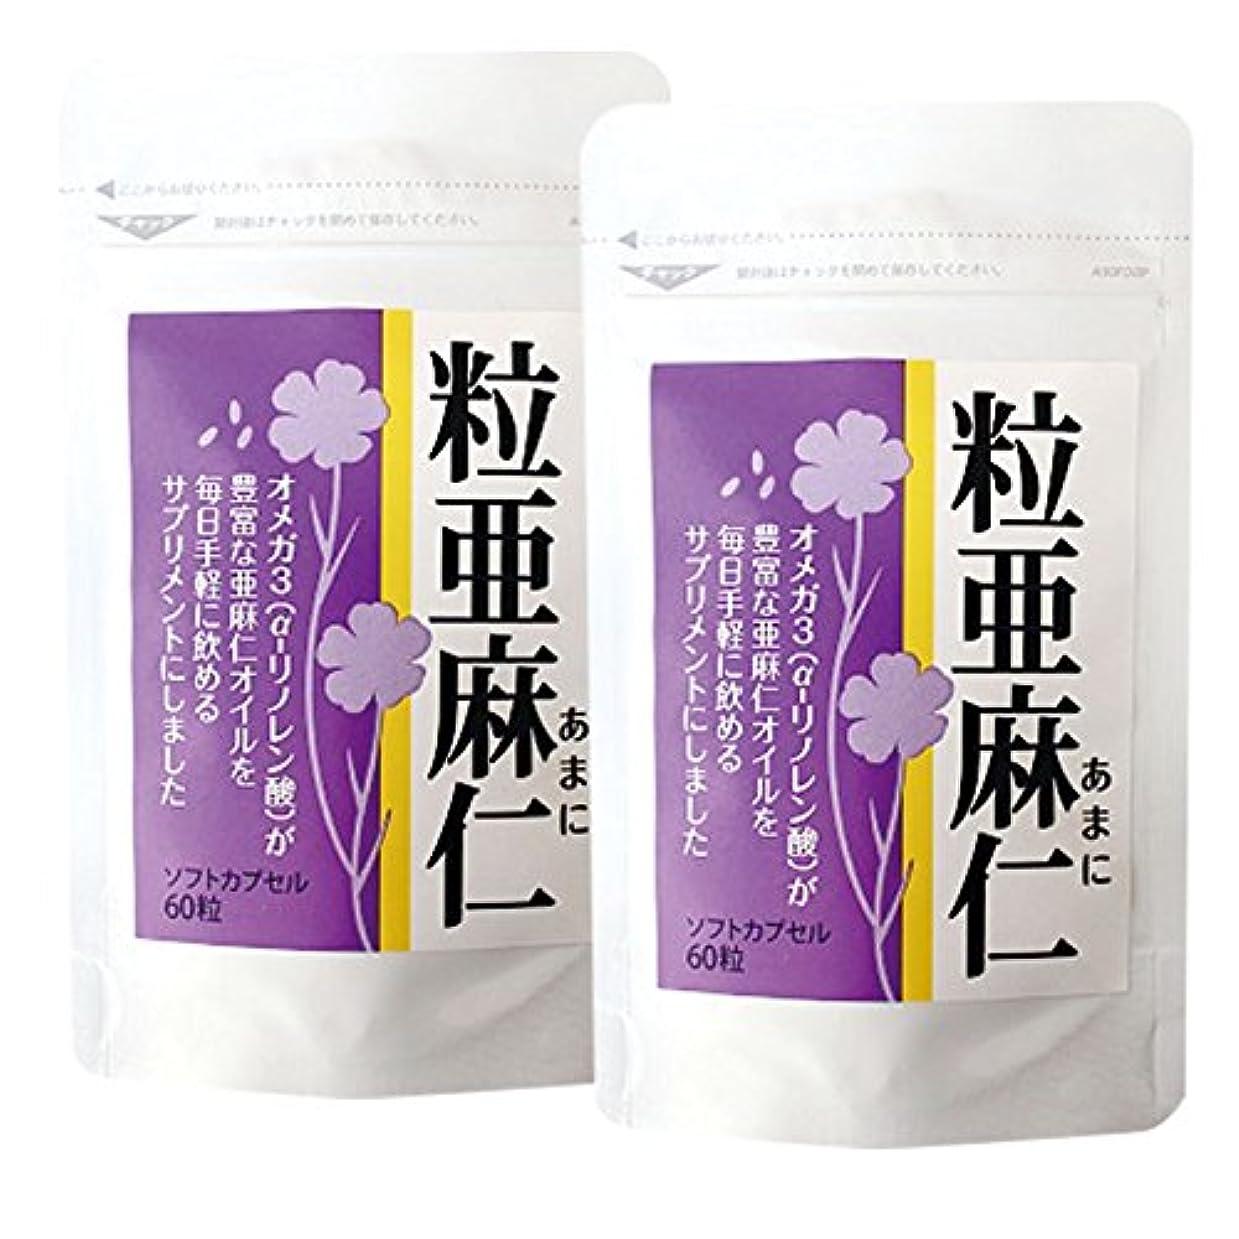 代表して素晴らしい軽食粒亜麻仁(60粒)×2袋セット